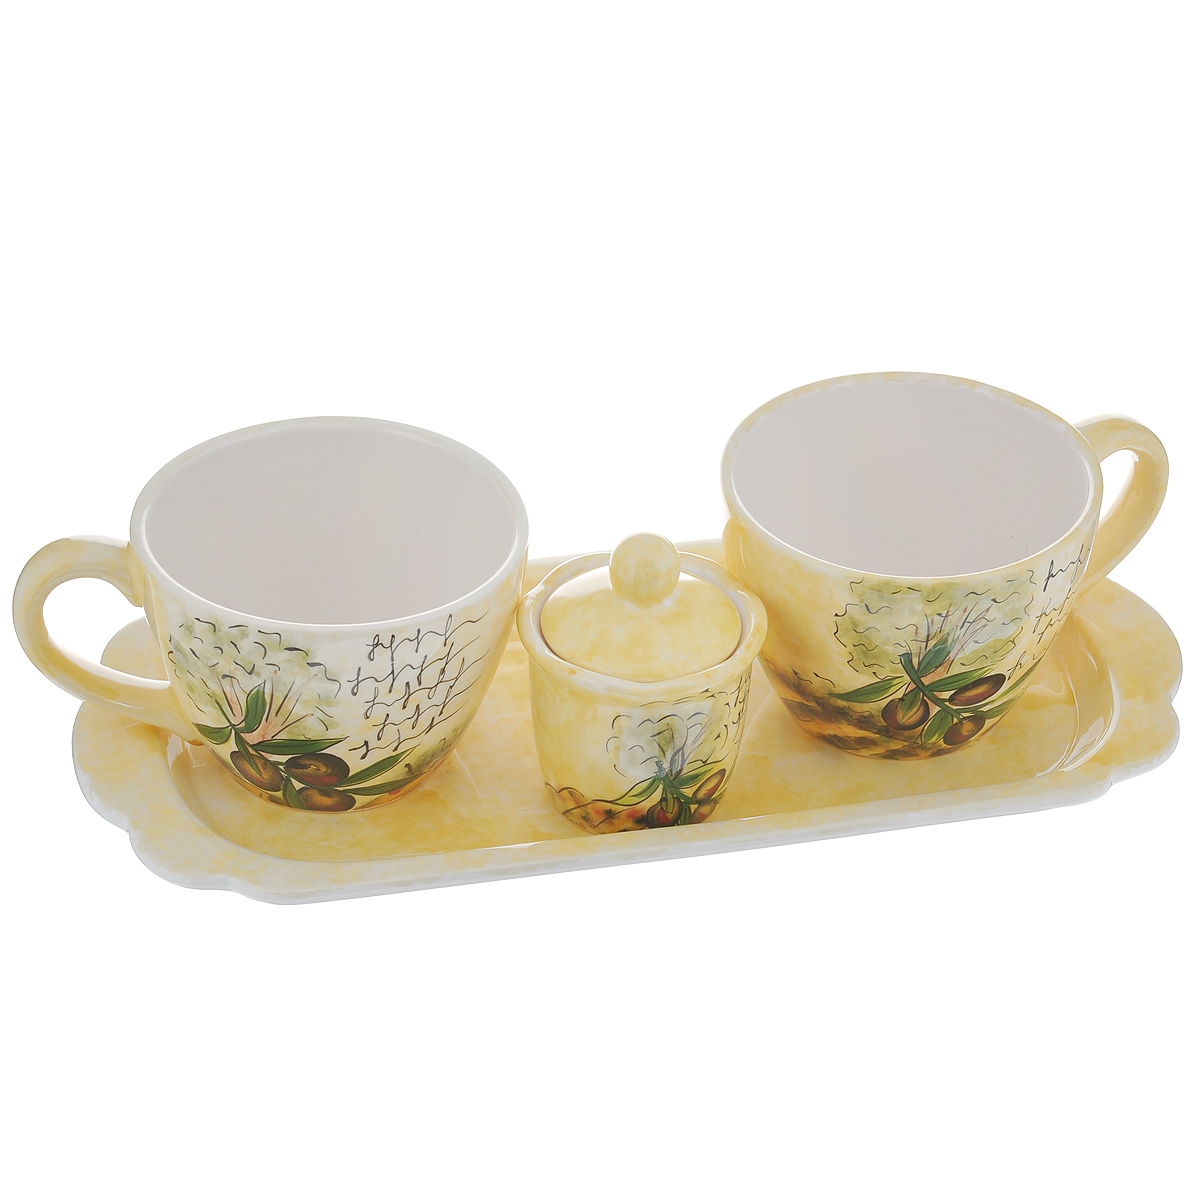 Набор чайный Маслины, 4 предмета115510Набор чайный Маслины состоит из двух чашек, сахарницы и подставки. Набор выполнен из доломитовой керамики и декорирован изображением маслин. Оригинальный дизайн, эстетичность и функциональность набора позволят ему стать достойным дополнением к кухонному инвентарю.Можно мыть в посудомоечной машине на минимальной температуре.Объем чашки: 480 мл.Диаметр чашки (по верхнему краю): 10,5 см.Высота чашки: 8 см.Размер подставки: 35 см х 16 см х 2,5 см.Объем сахарницы: 100 мл.Диаметр сахарницы (по верхнему краю): 7,5 см.Высота сахарницы (без учета крышки): 6 см.